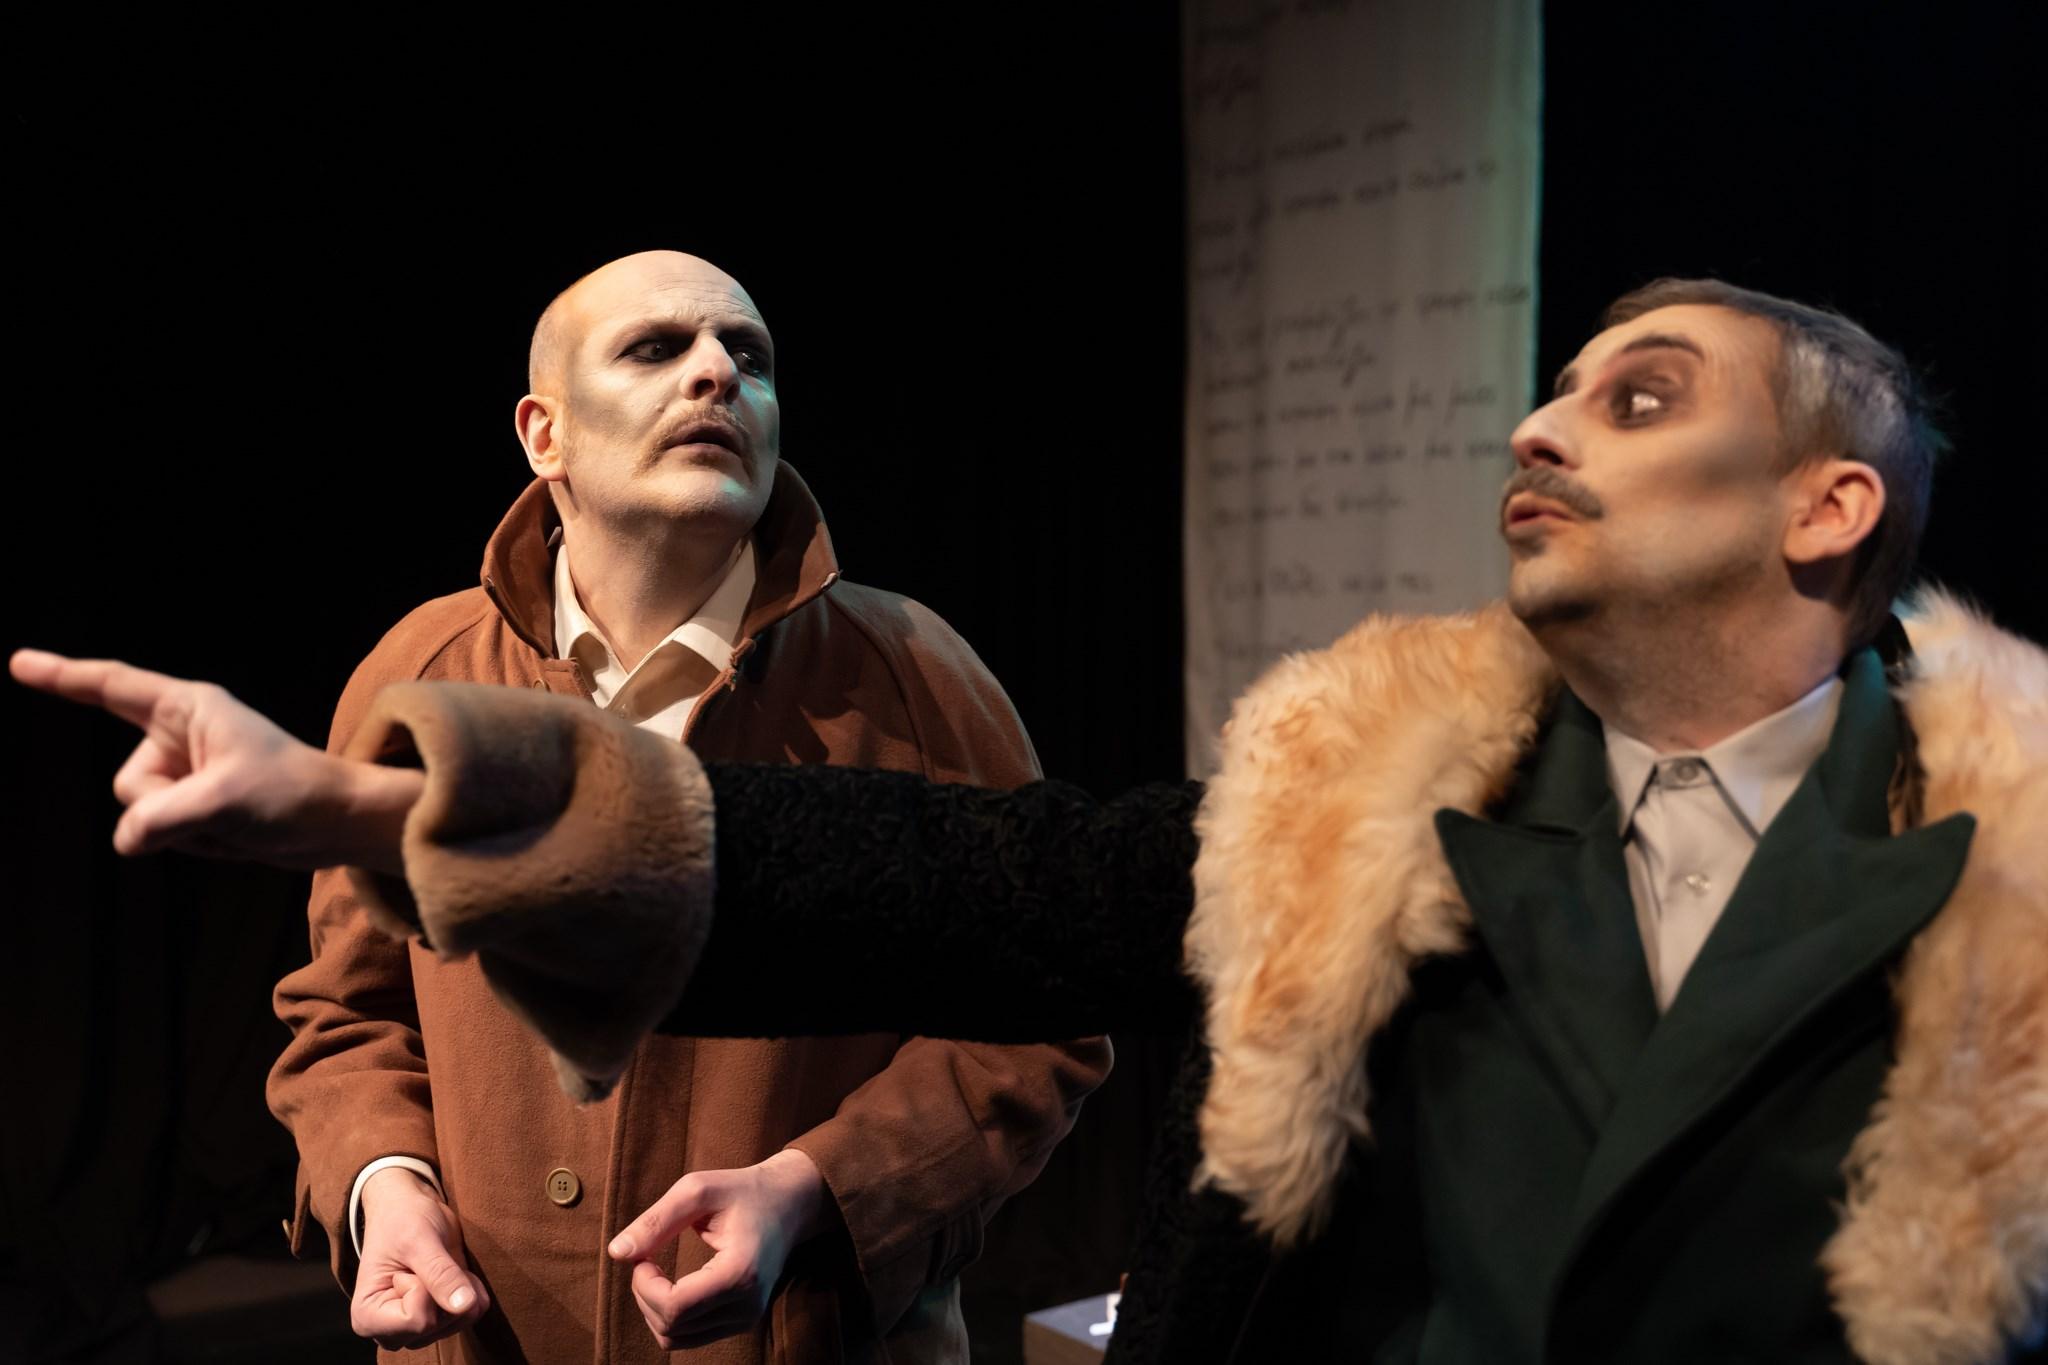 «Το παλτό» του Νικολάι Γκόγκολ  στο Θέατρο Σοφούλη, κριτική παράστασης